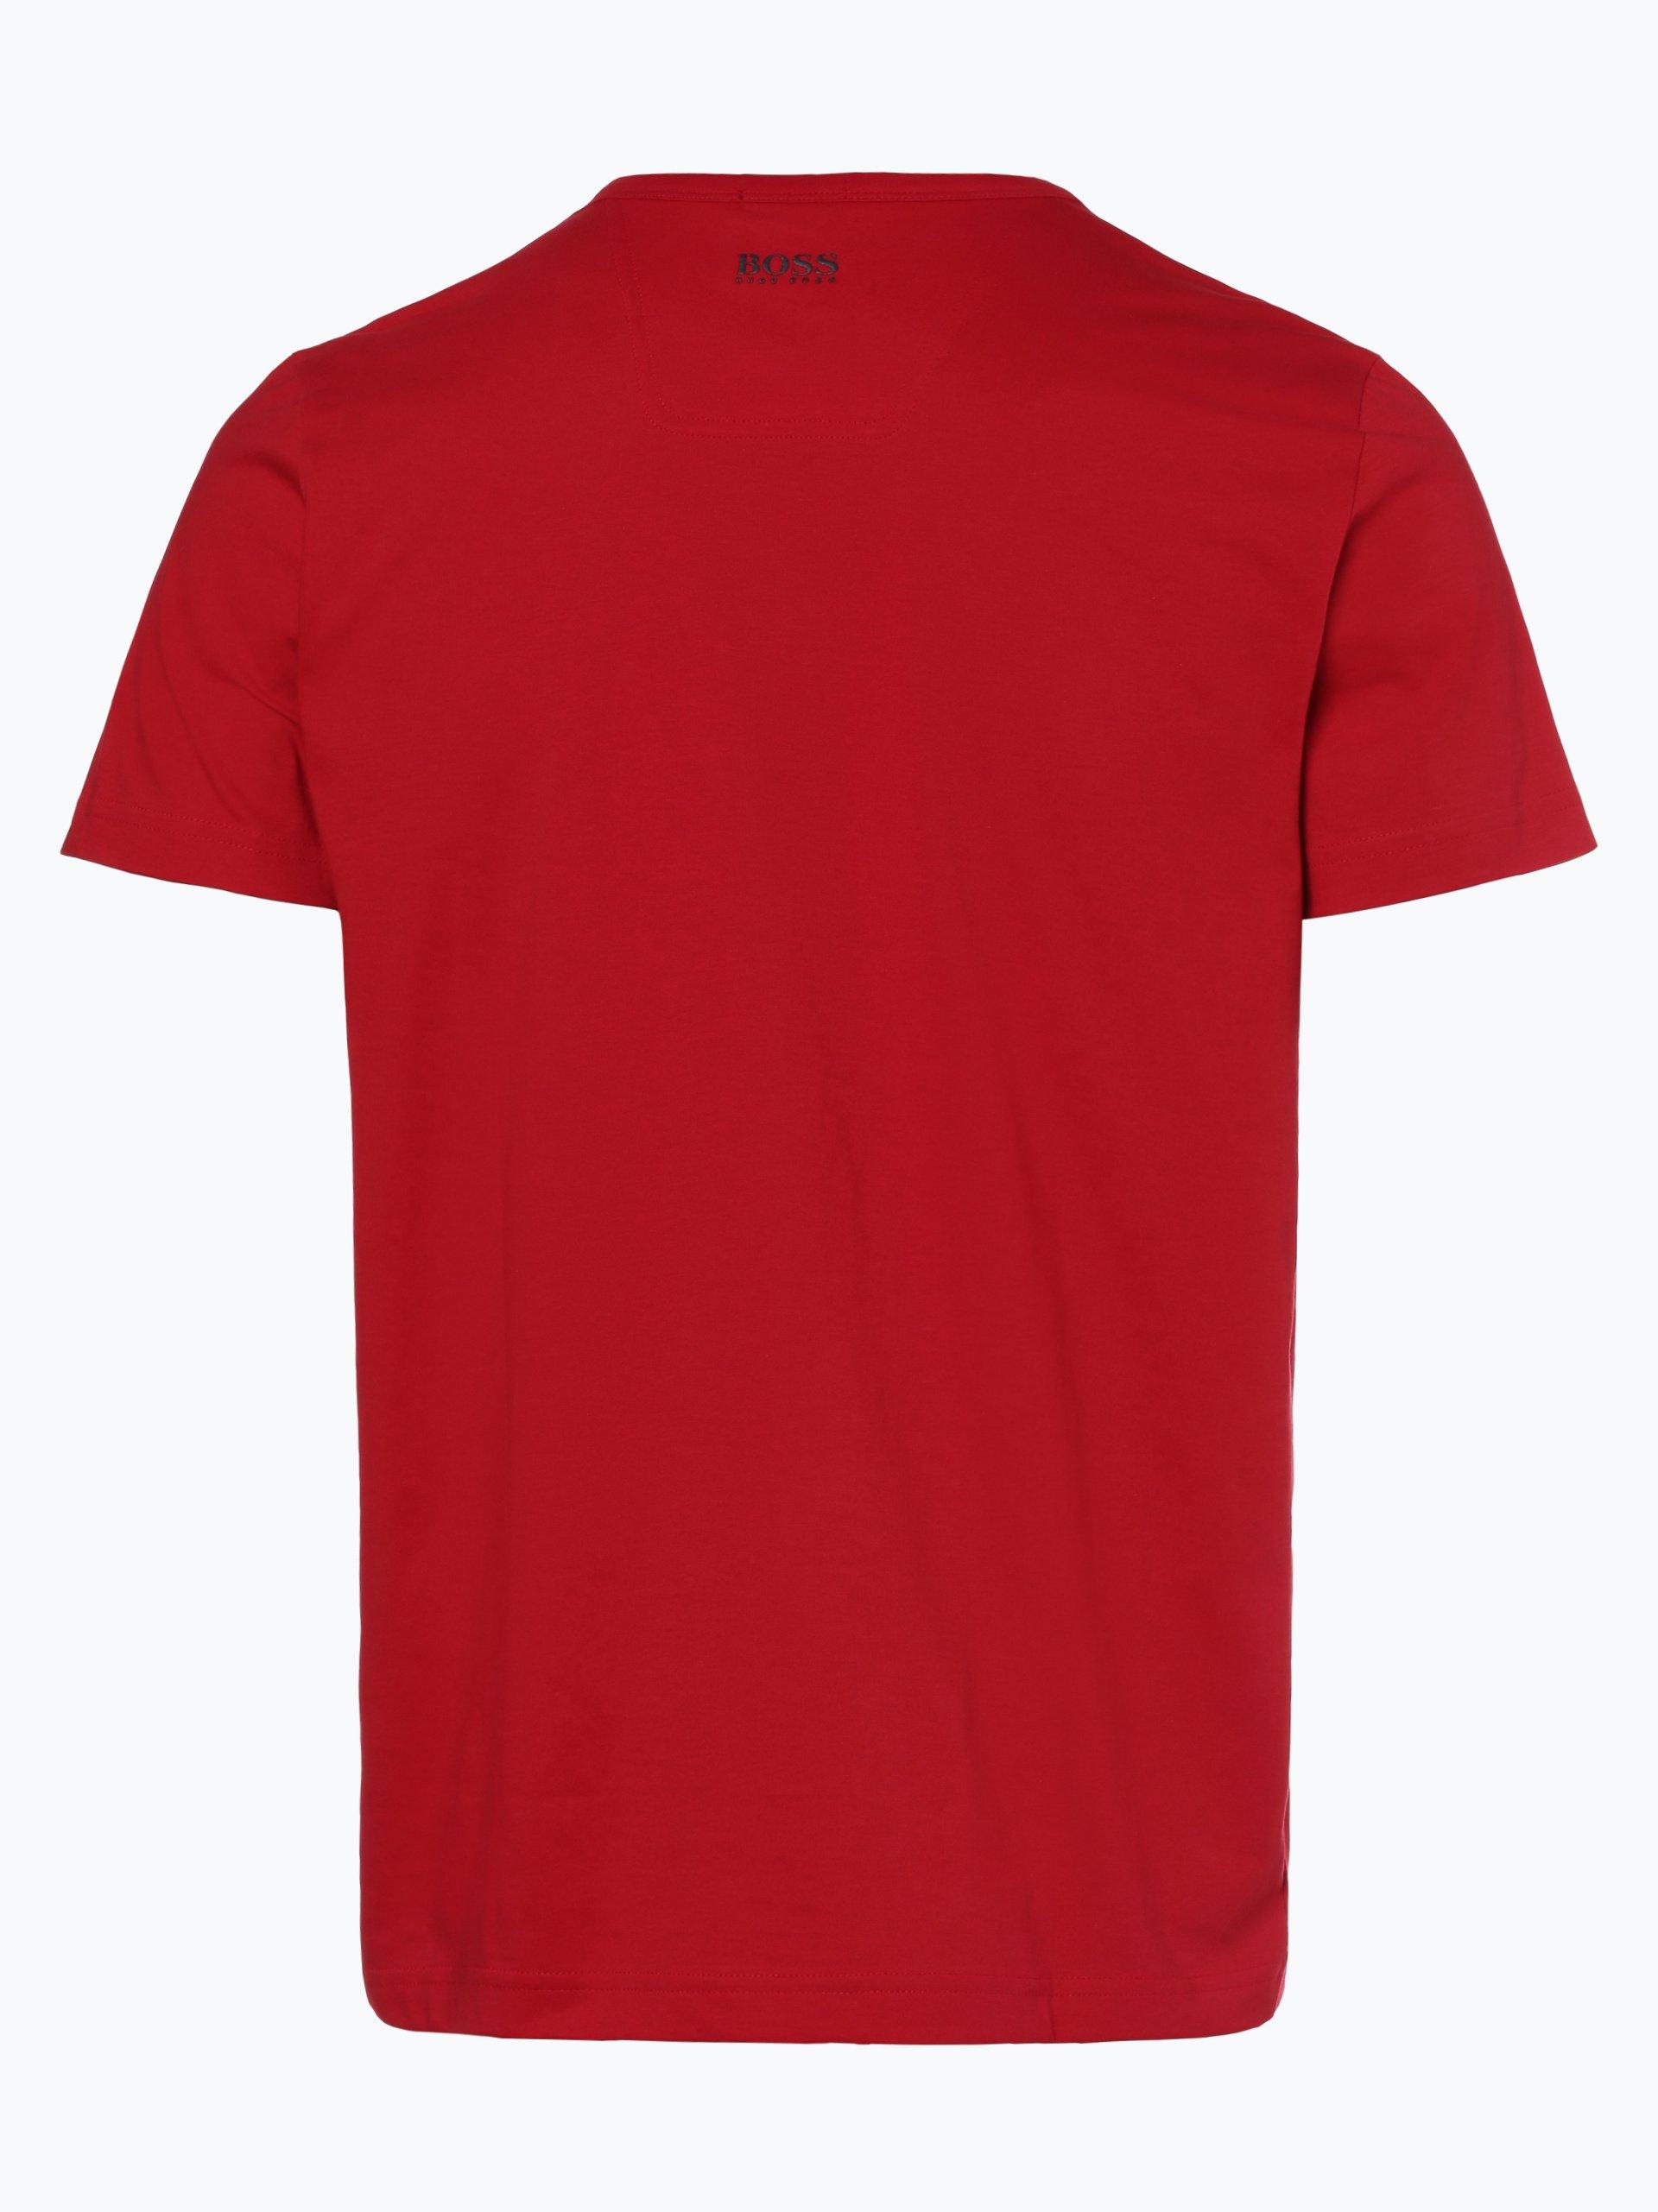 BOSS Athleisure Herren T-Shirt - Tee 4